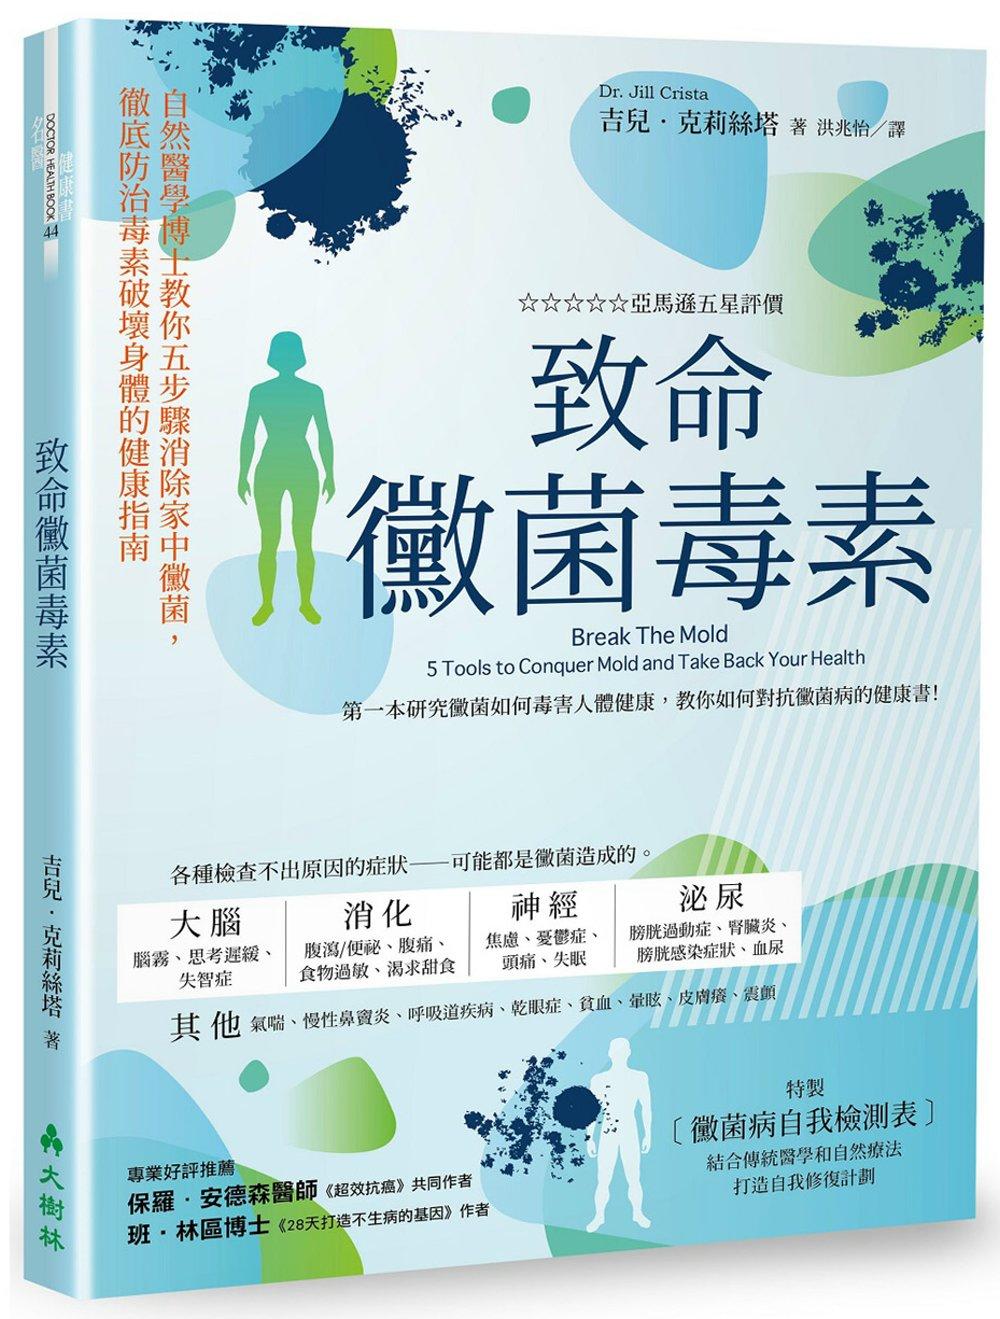 致命黴菌毒素:自然醫學博士教你五步驟消除家中黴菌,徹底防治毒素破壞身體的健康指南